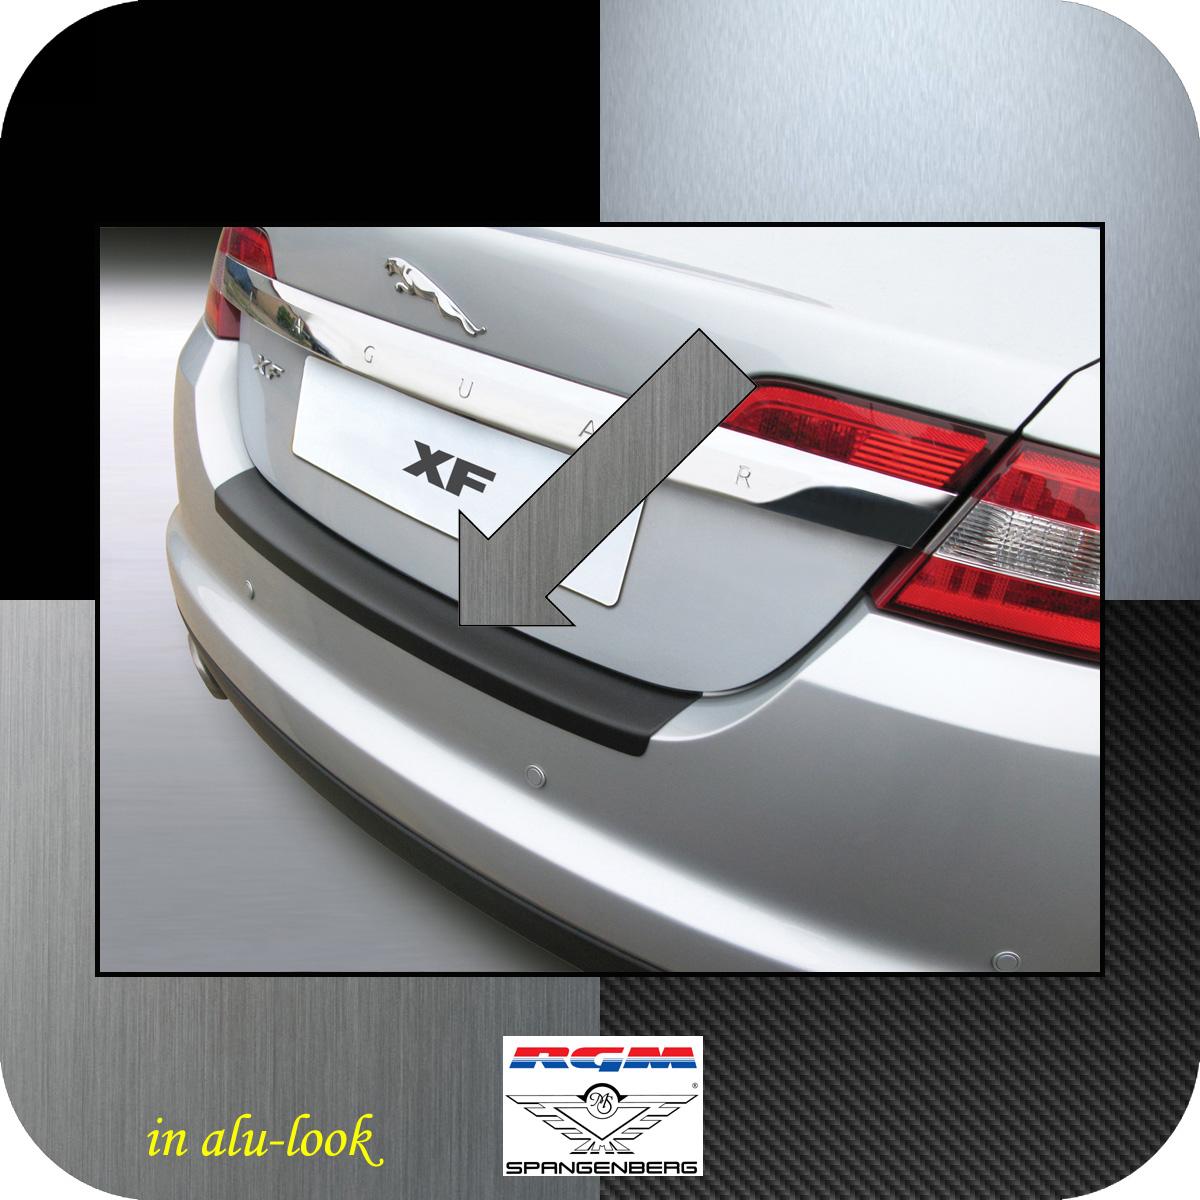 Ladekantenschutz Alu-Look Jaguar XF I X250 Limousine Baujahre 2008-15 3504392